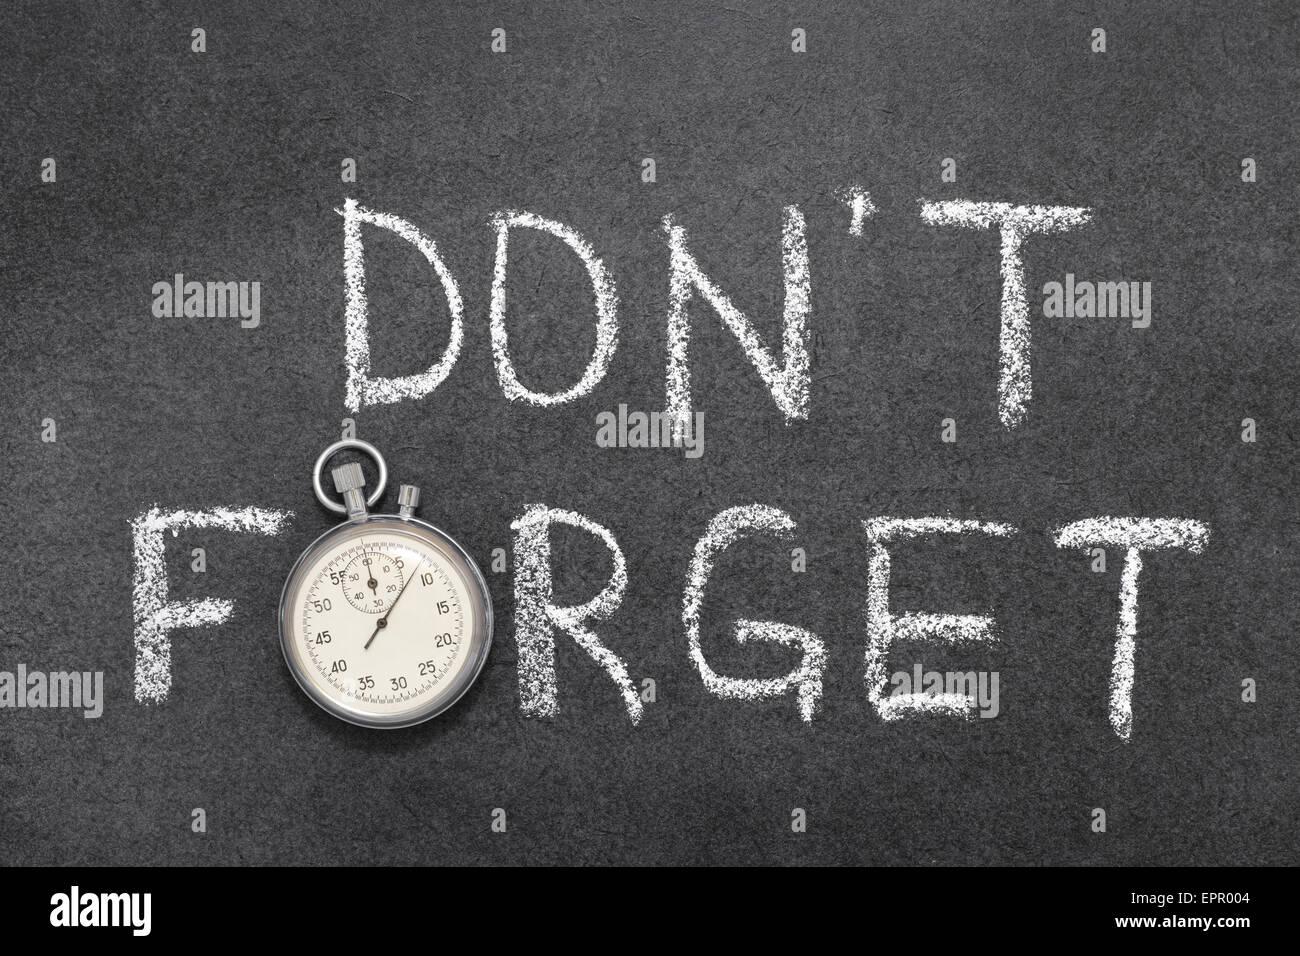 Non dimenticare la frase manoscritta su lavagna con vintage cronometro preciso utilizzato al posto di o Immagini Stock